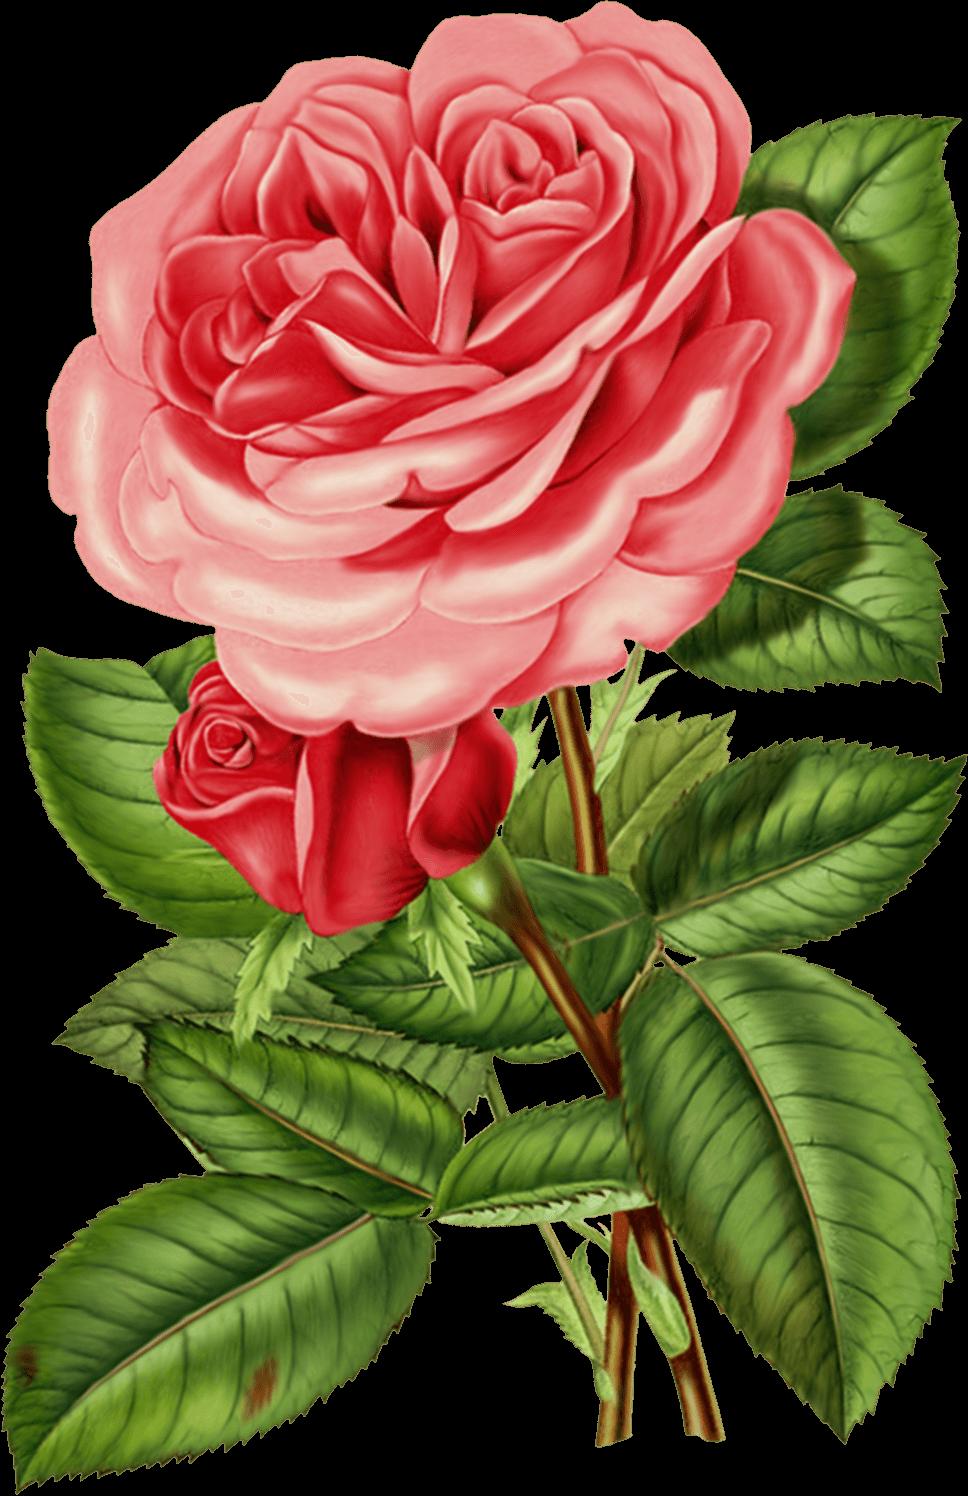 Large Pink Victorian Vintage Rose Transparent Png Stickpng